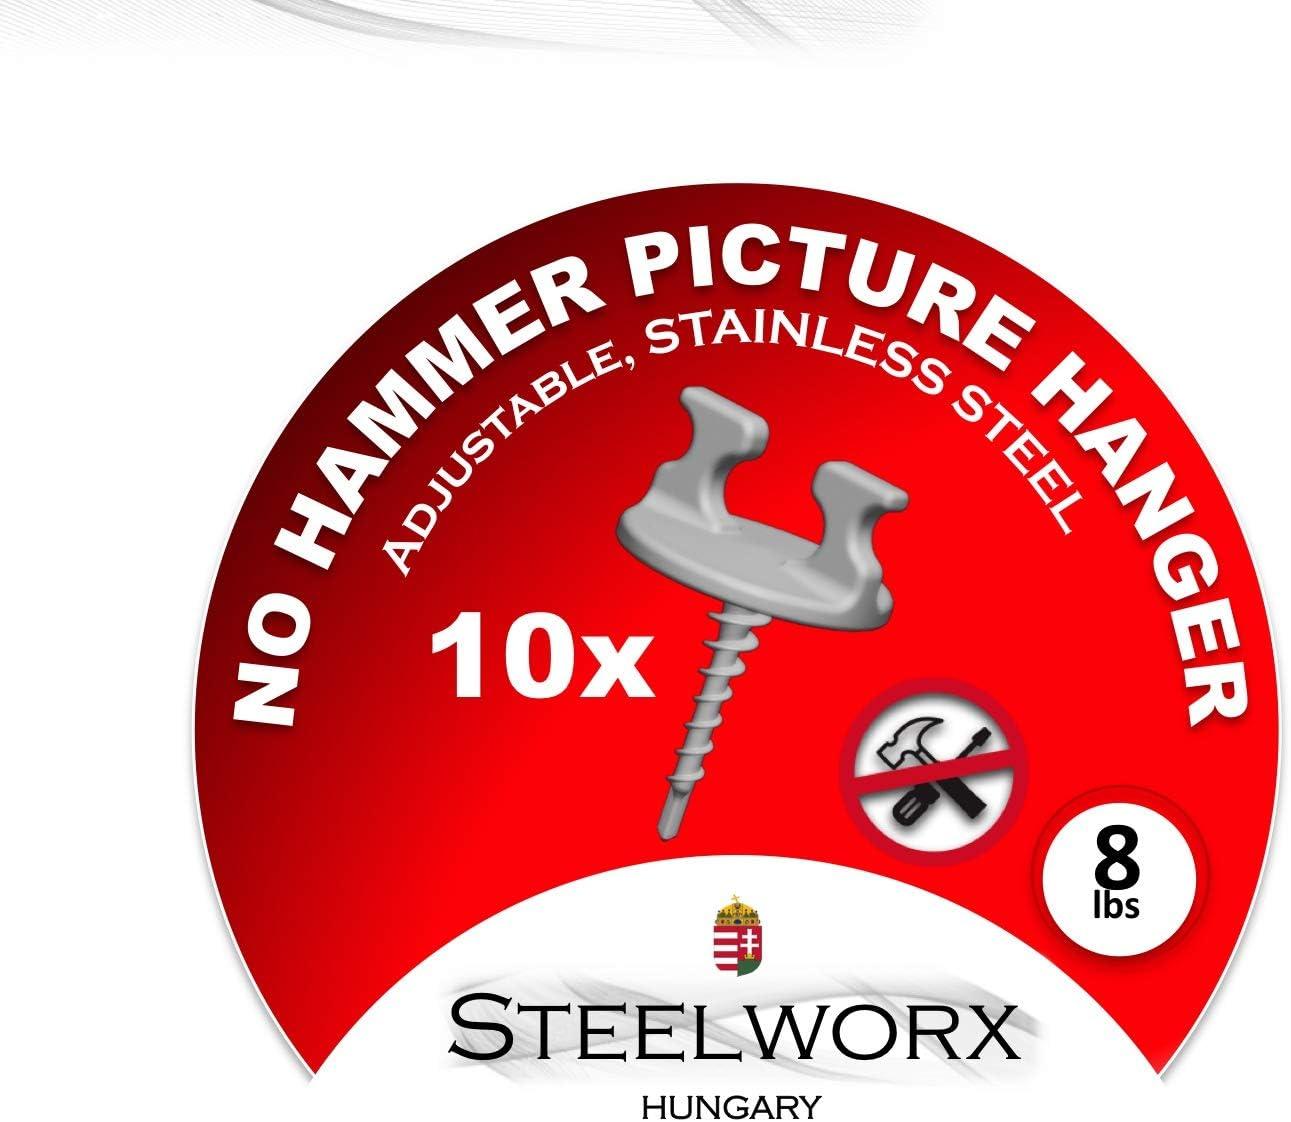 Ganchos ajustables para colgar cuadros acero inoxidable, 10 unidades STEELWORX